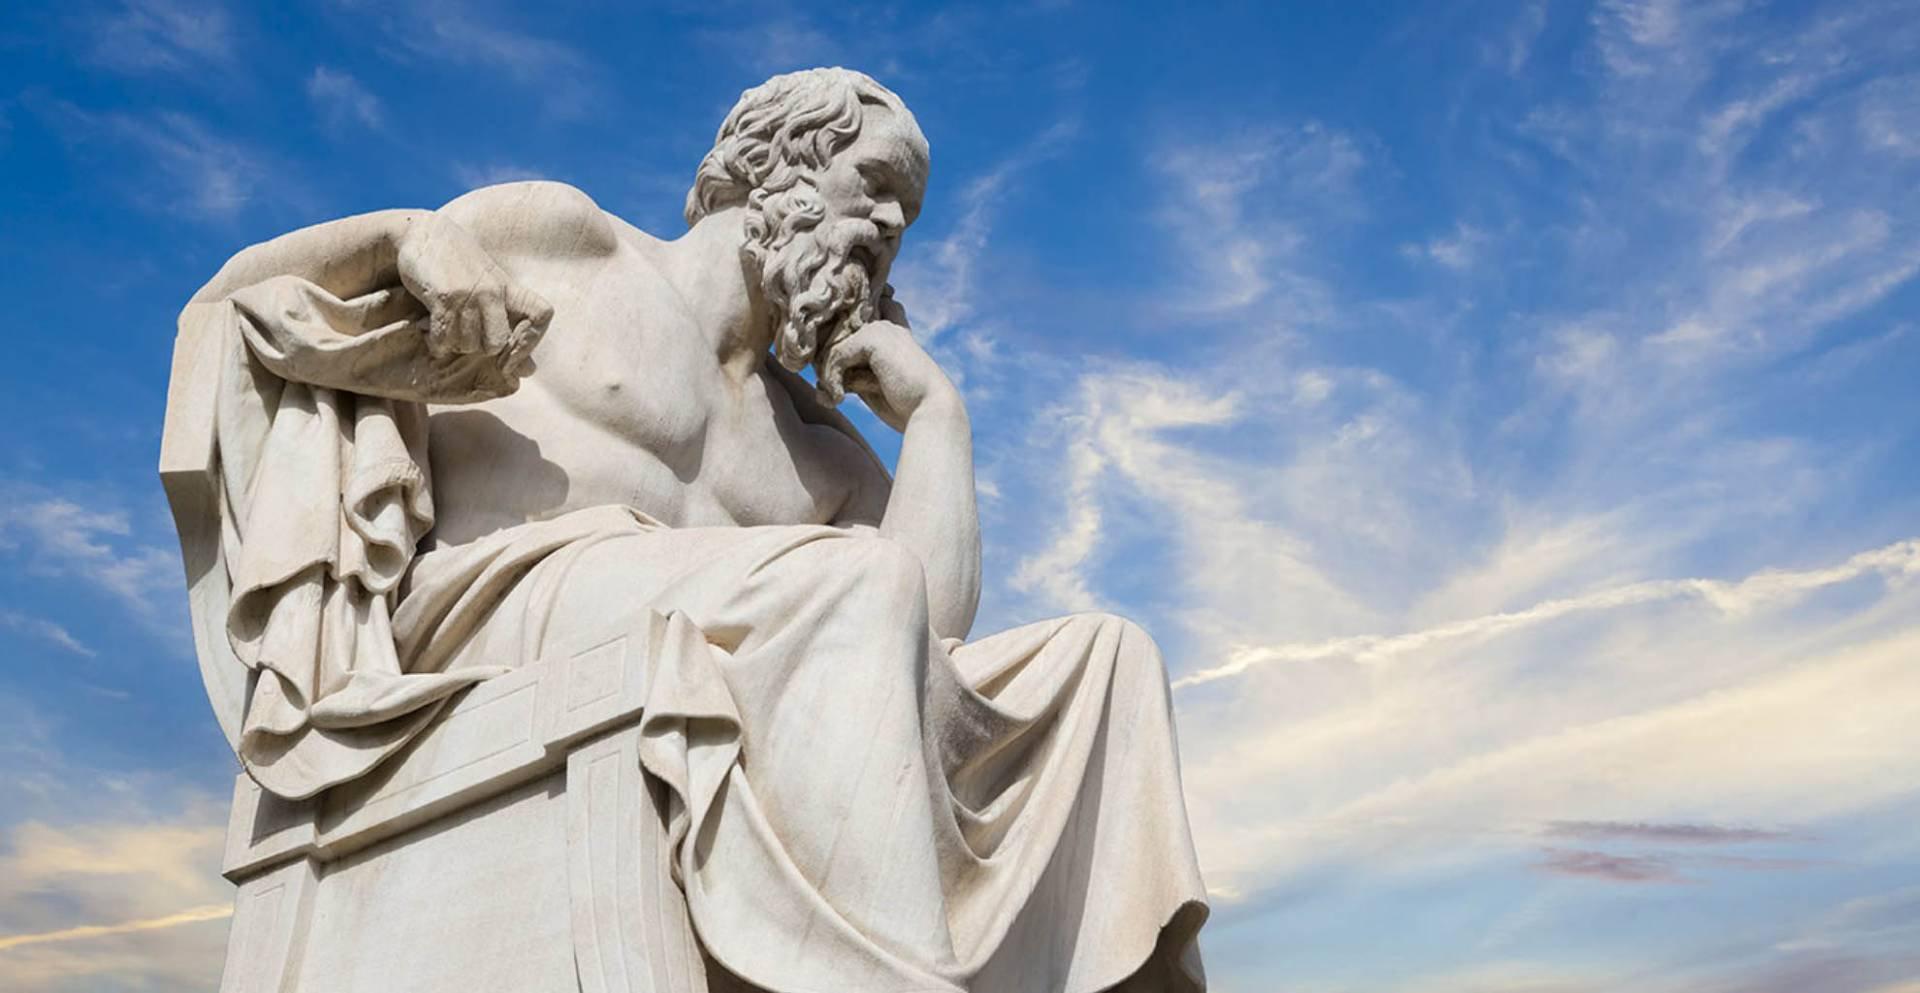 """Мудри мисли преточени во животни лекции од Сократ: """"Тој што ќе се промени себеси ќе го промени и светот"""""""